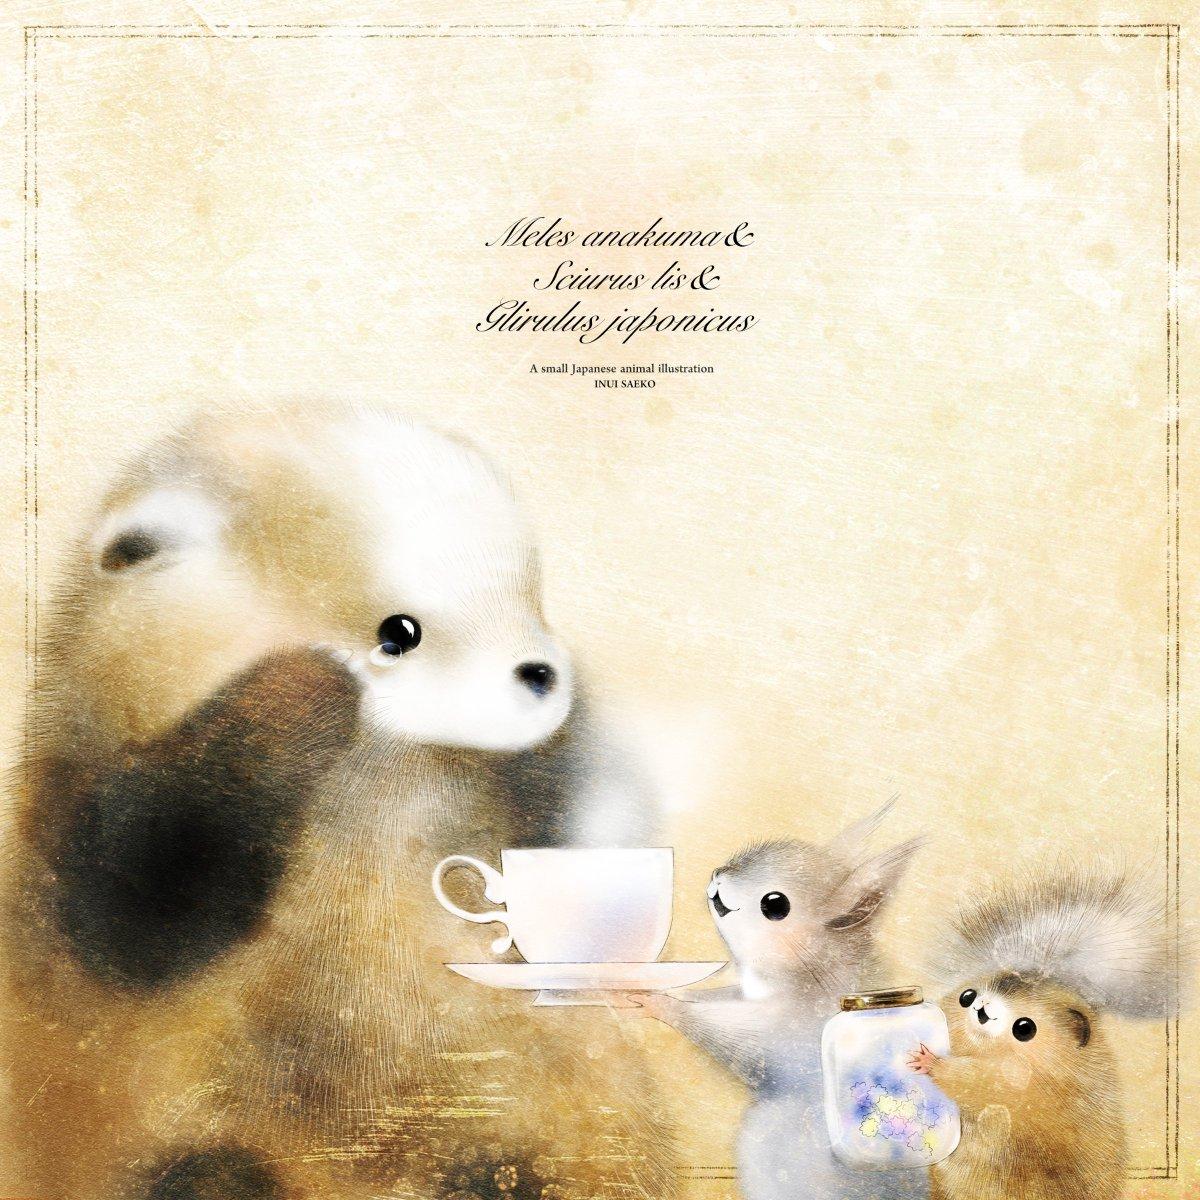 #ニホンアナグマ  #ニホンリス #ニホンヤマネ気持ちが トゲトゲする時はね 「いまは休憩が必要だよ」って、きみの心が、おしえてくれてるんだよ。はい、どうぞ♪おいしいお茶がはいったよ☕️